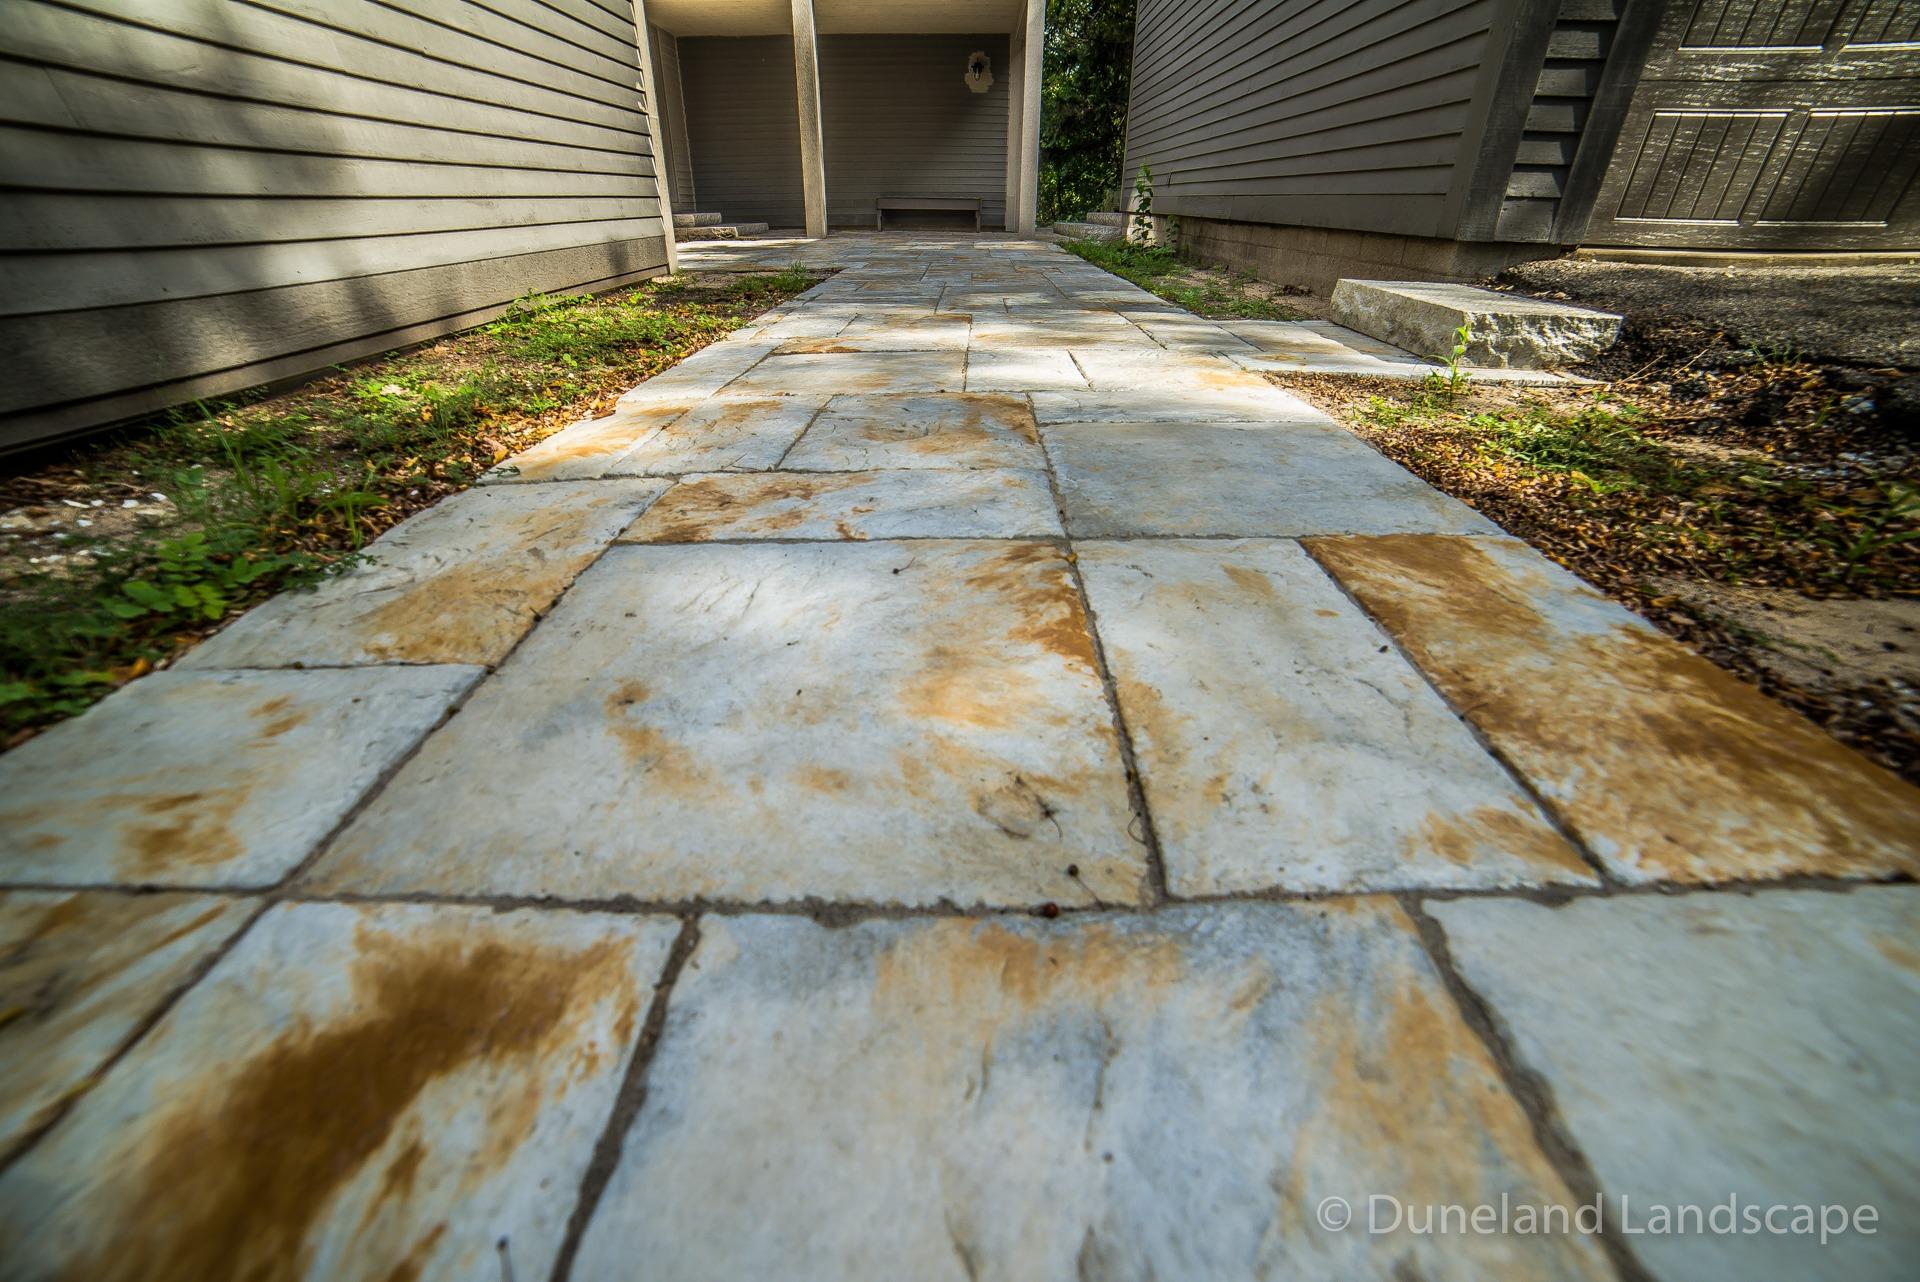 multicolored stone sidewalk pavers